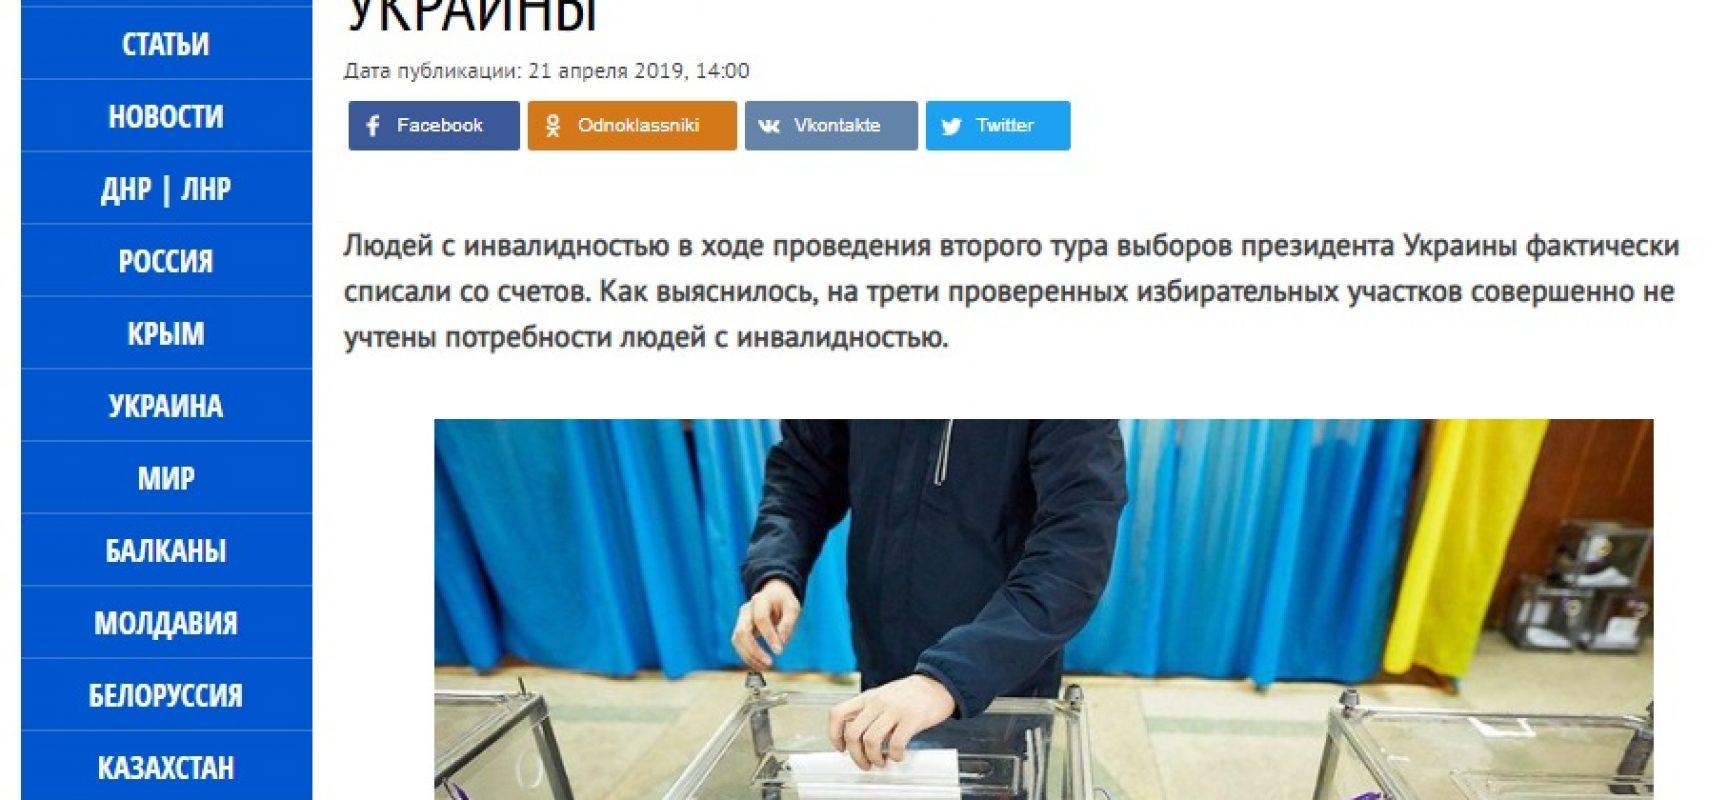 Манипуляция: ЦИК Украины не учел, что люди с инвалидностью тоже граждане Украины